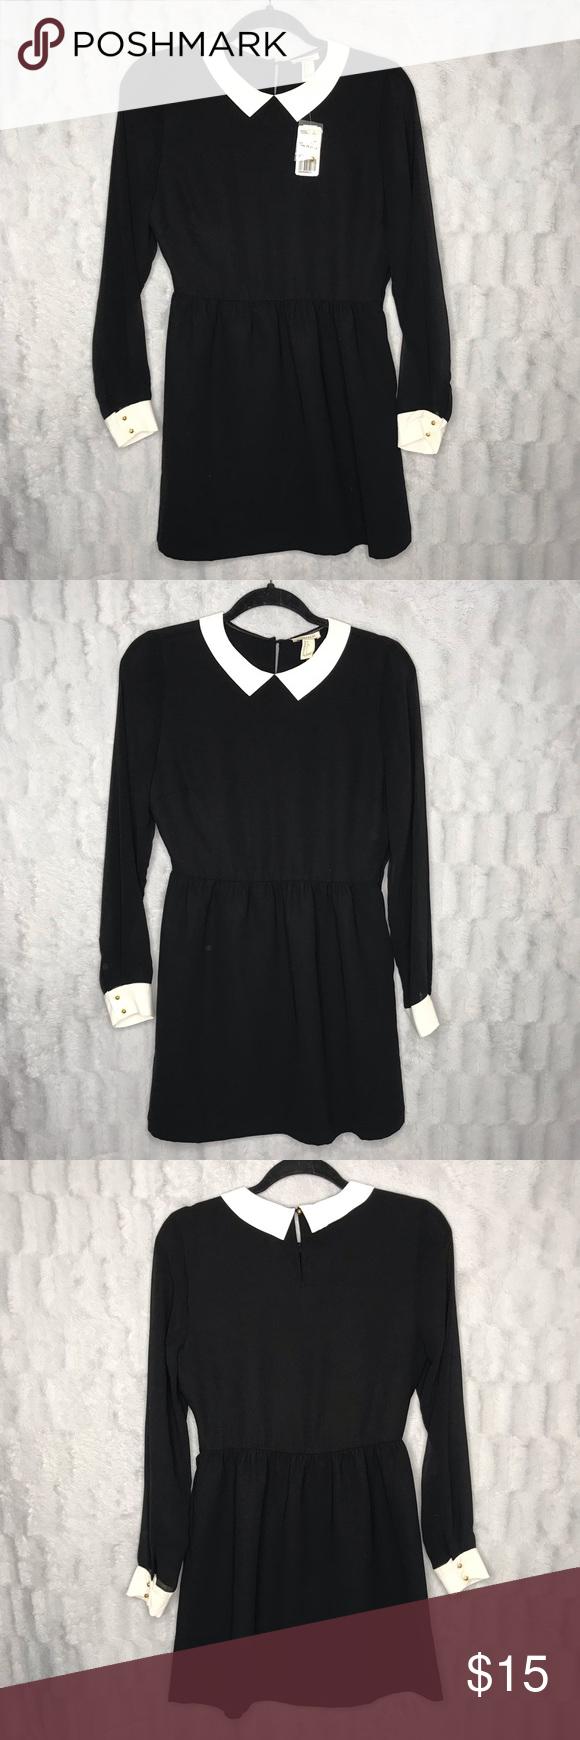 Nwt Forever 21 Black White Long Sleeve Shirt Dress White Long Sleeve Shirt Dress Dress Shirt Sleeves Long Sleeve Shirt Dress [ 1740 x 580 Pixel ]